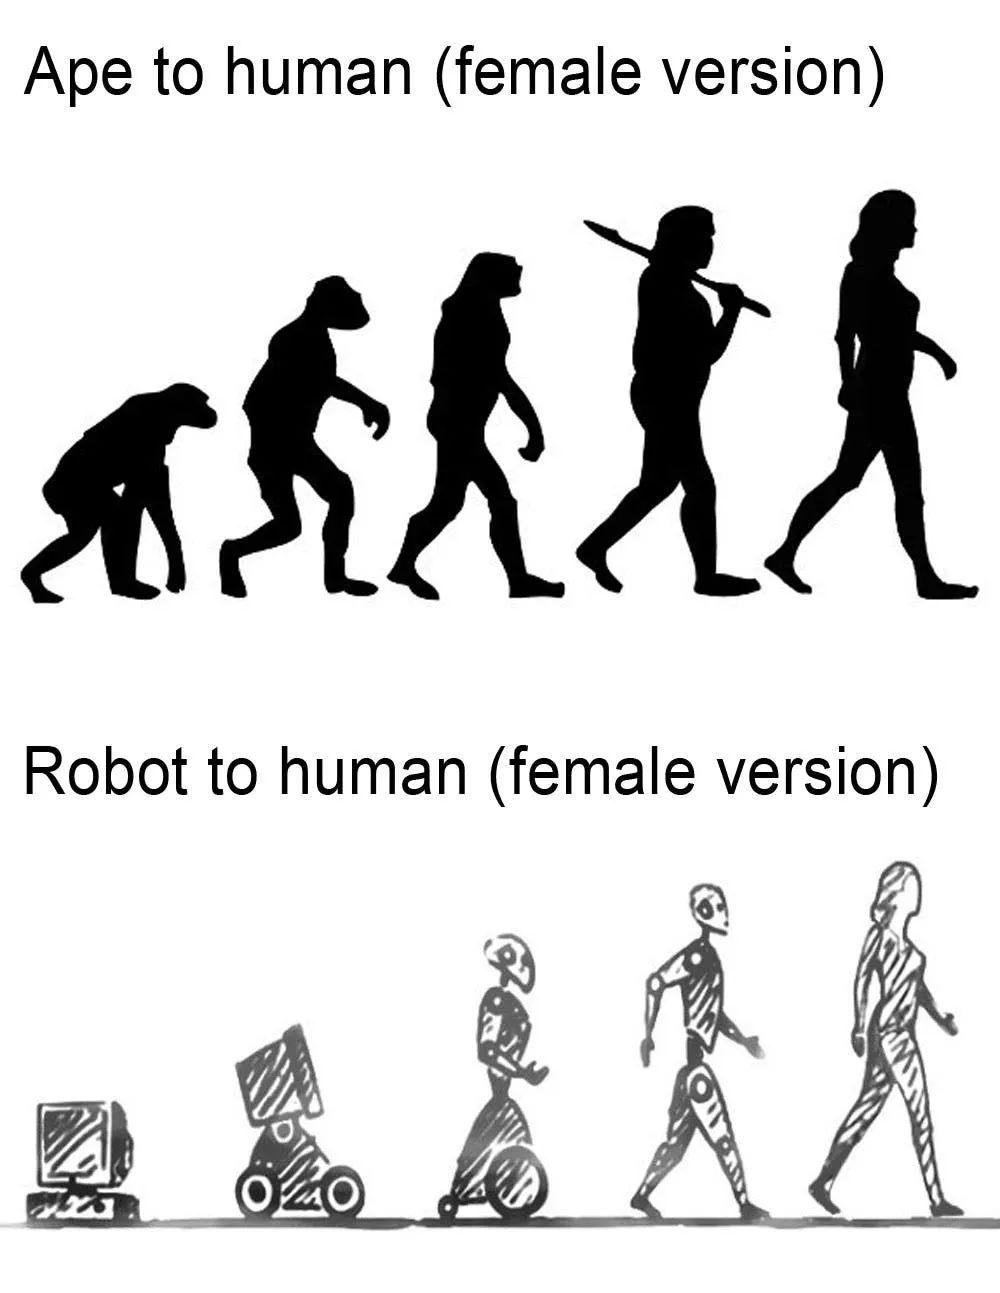 百姓彩票:面临着性别问题的人工智能:AI在物化女性吗?(图3)